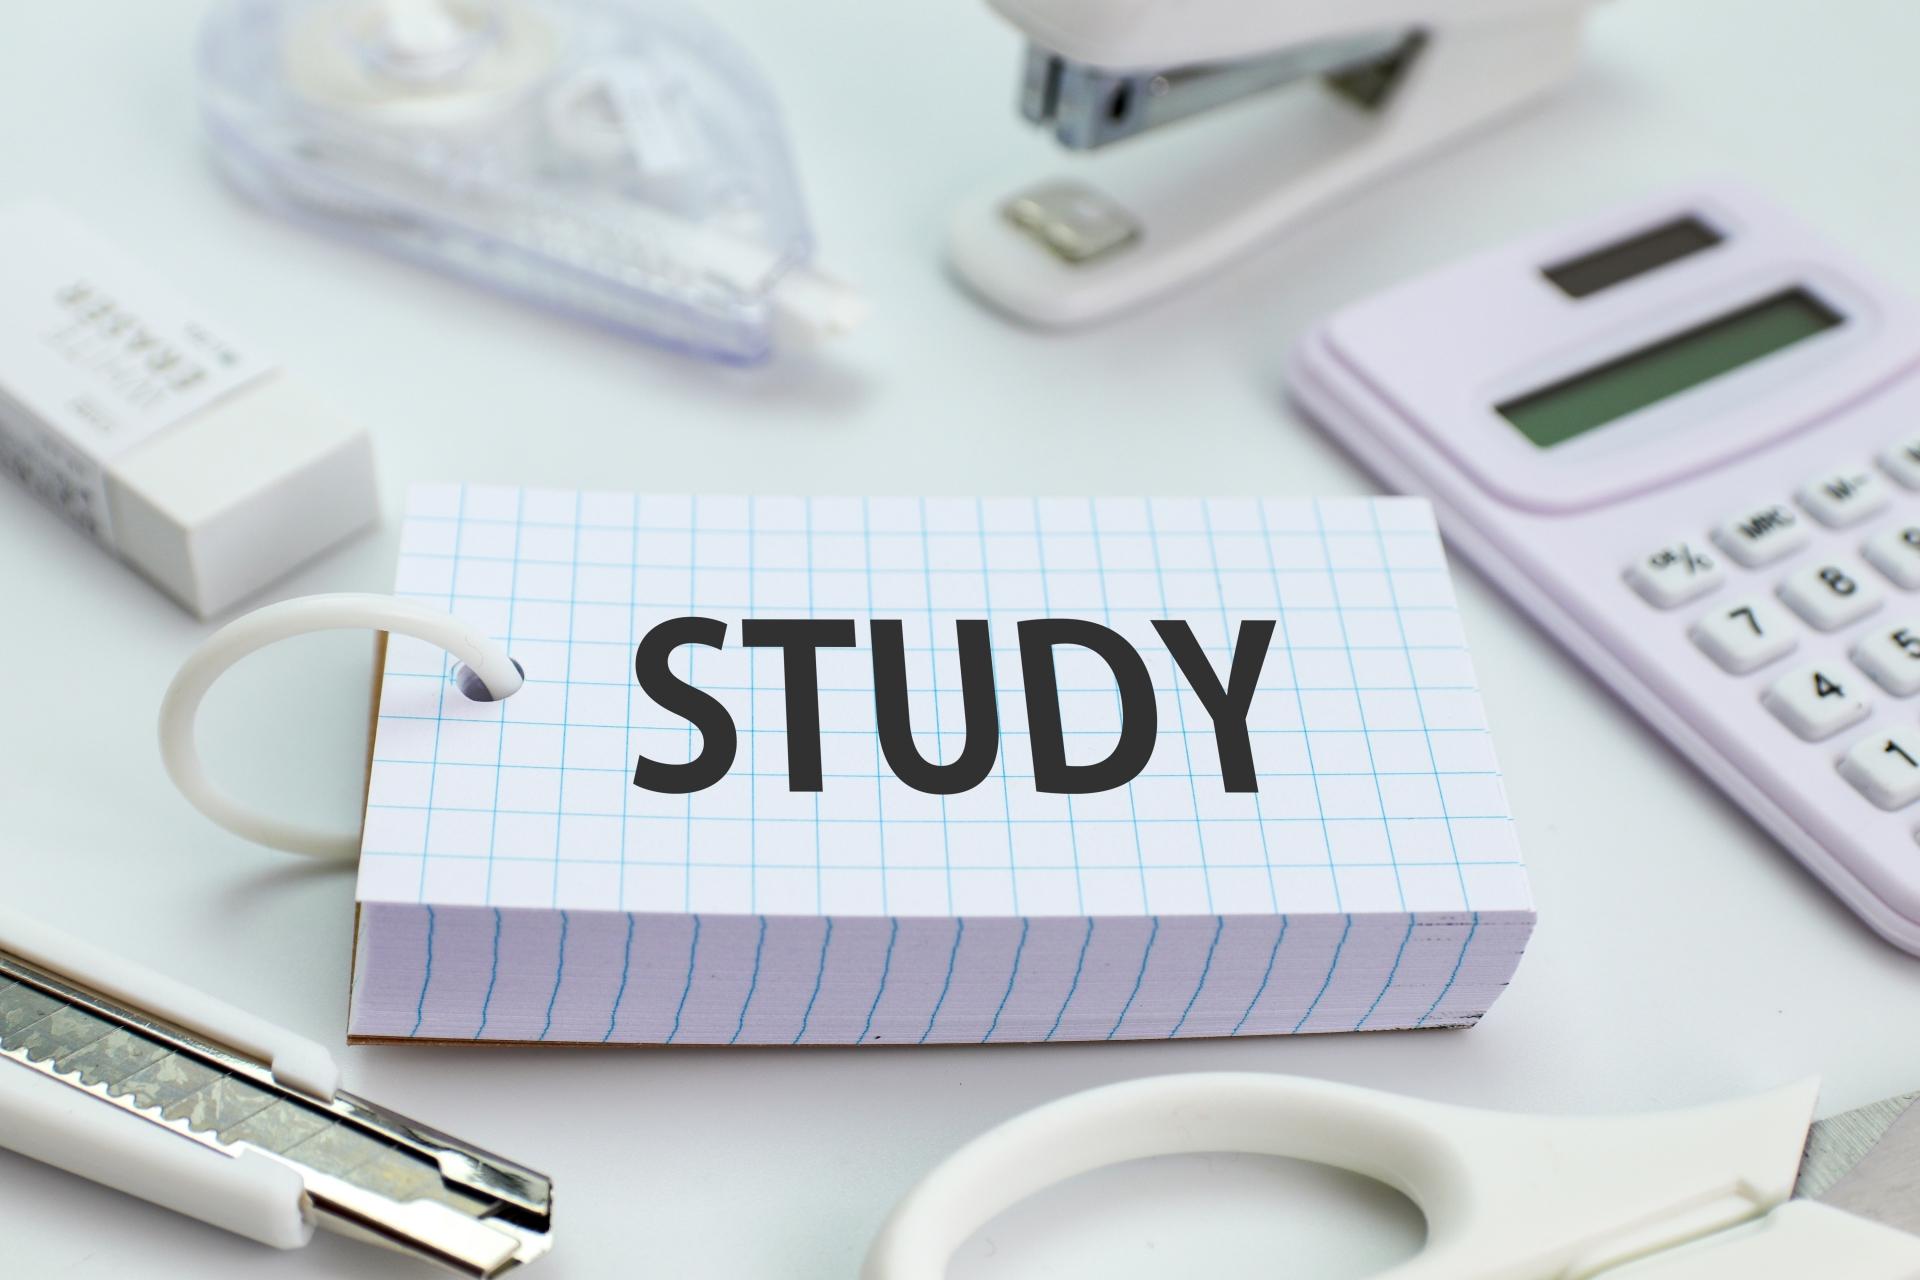 【SEOの勉強方法3つ】効率よく学ぶための重要ポイントも解説!